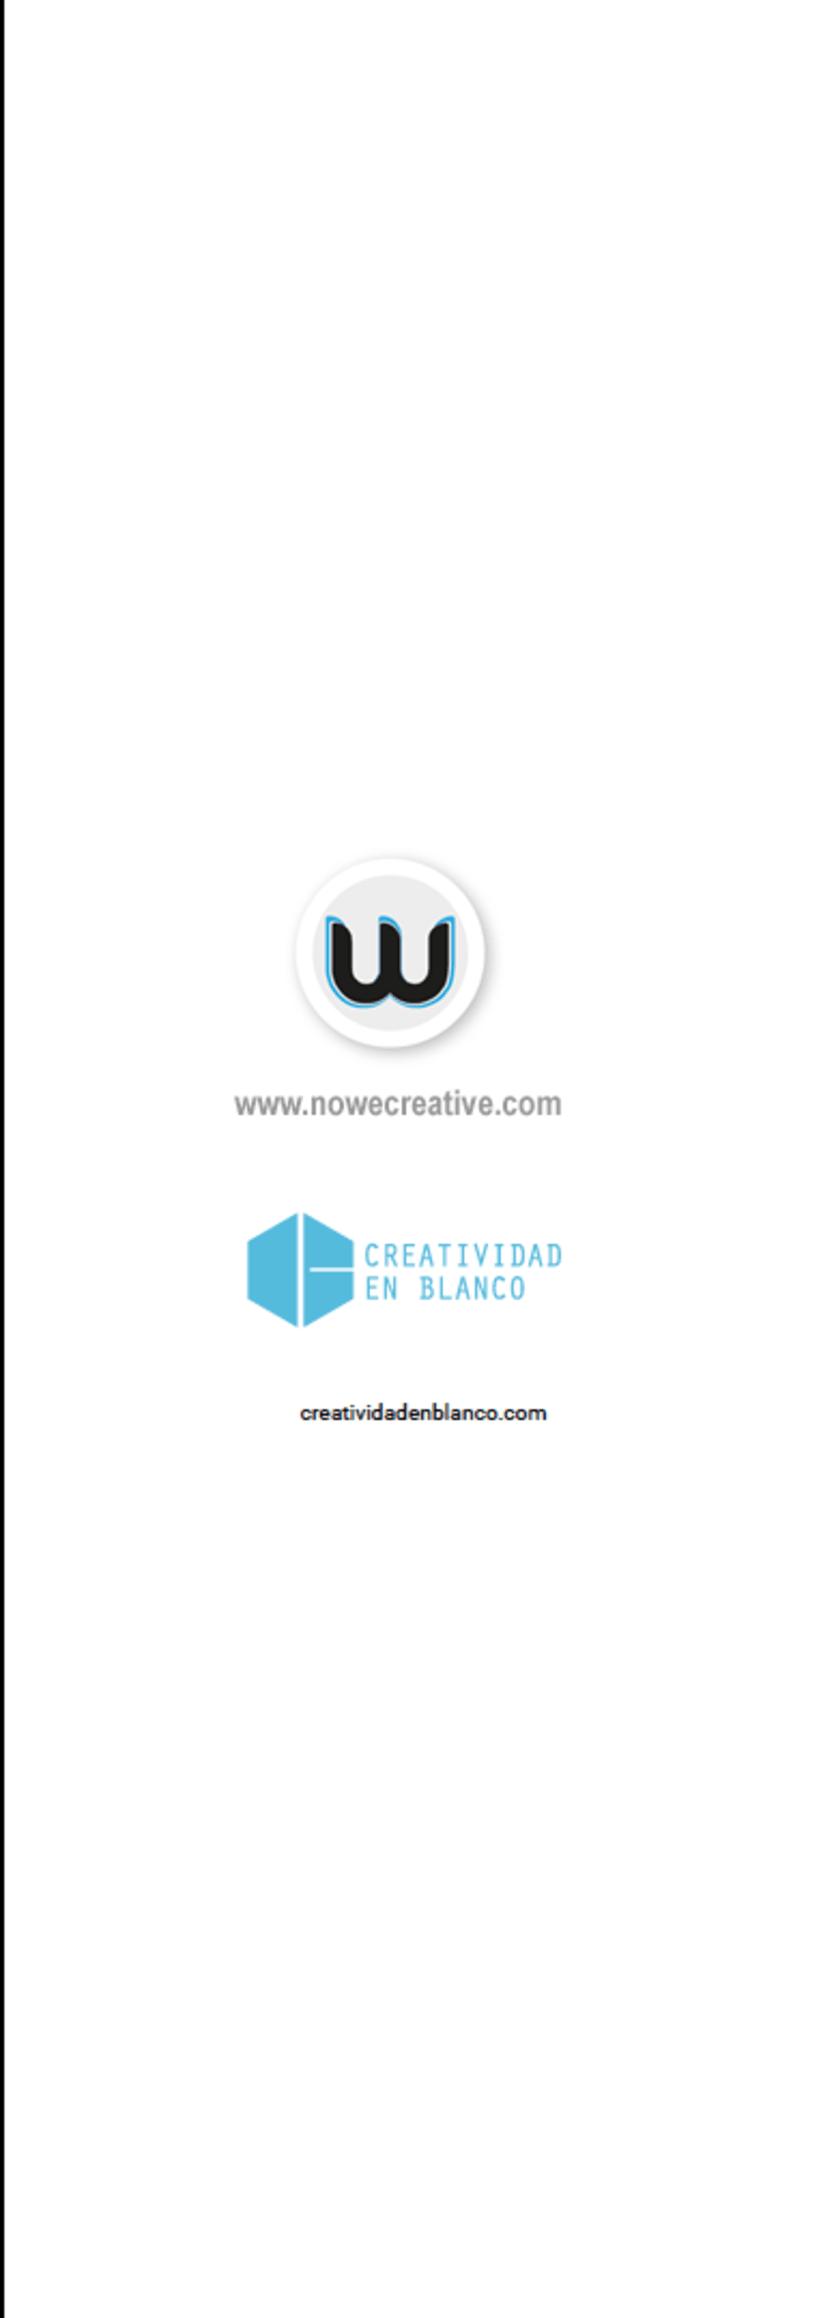 Diseño tipográfico y maquetación 33